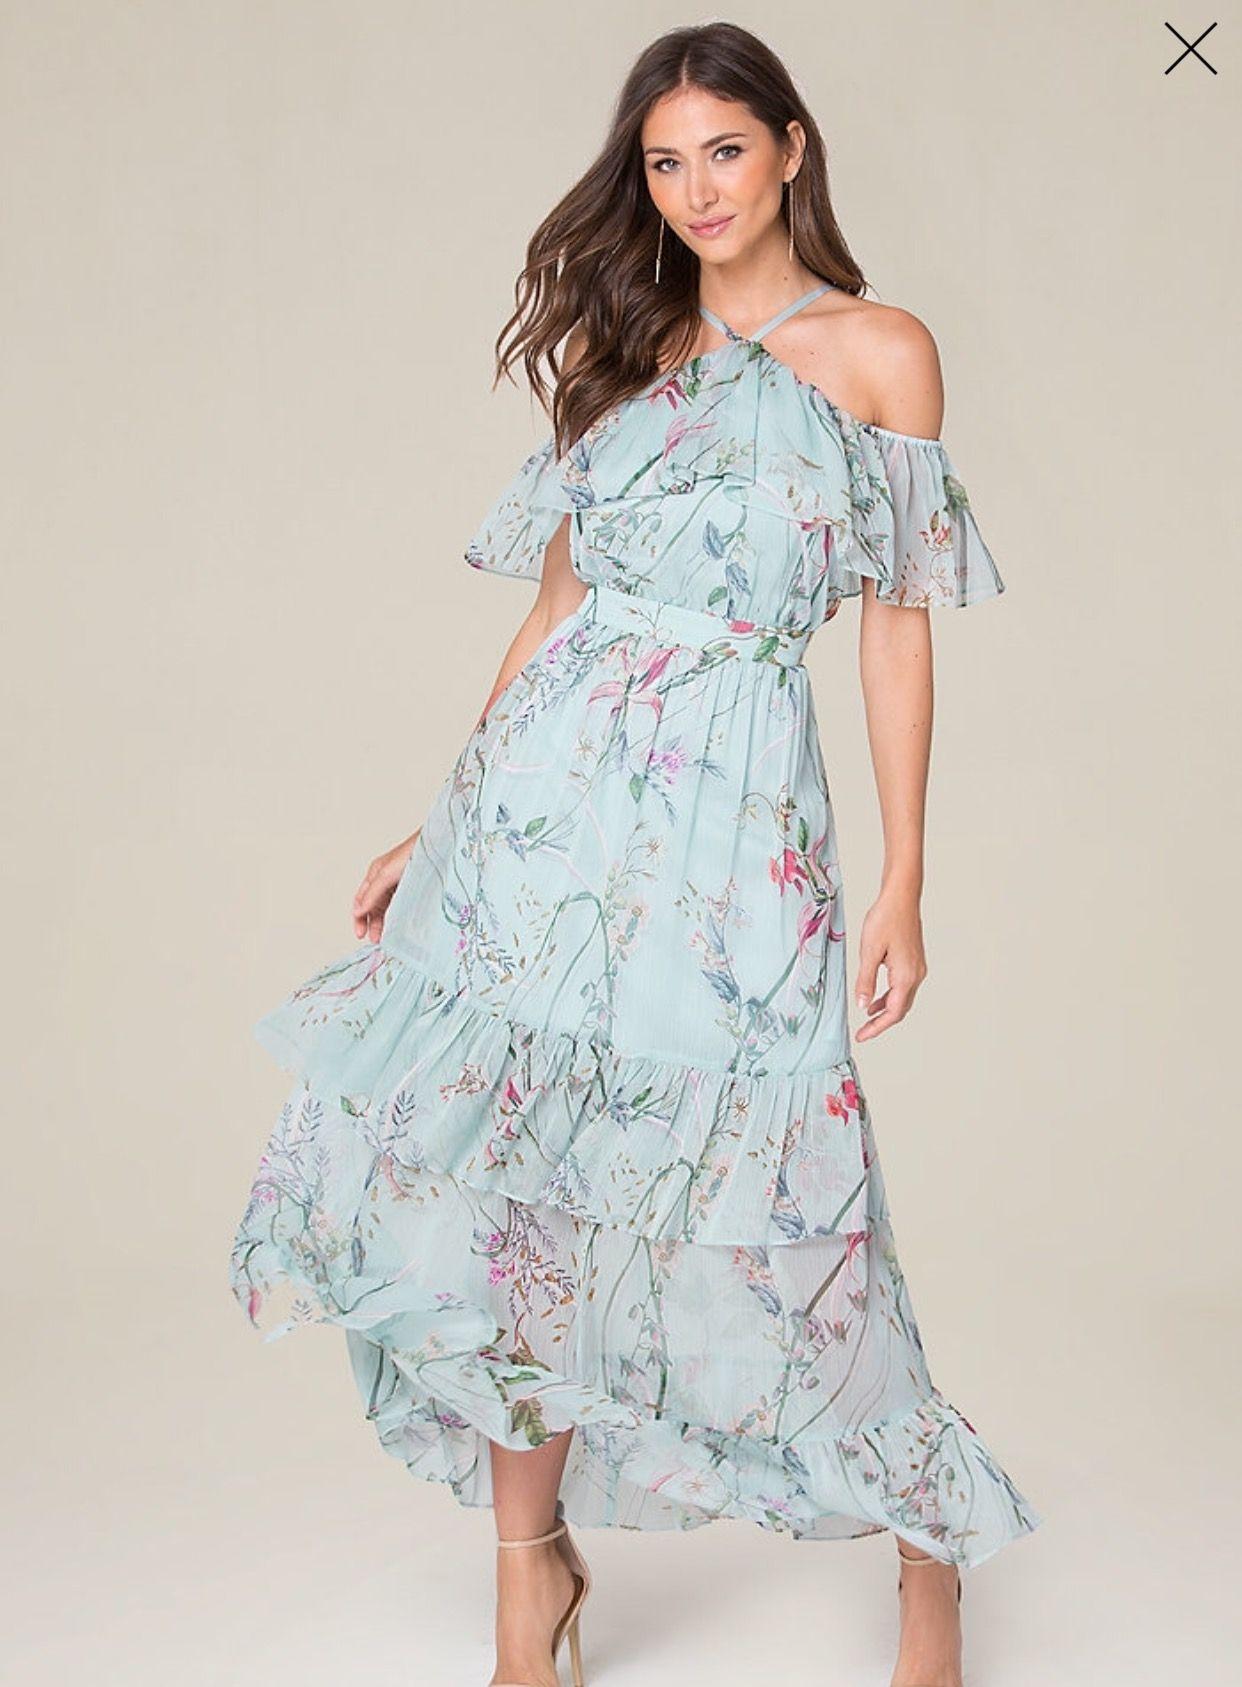 Crinkle Chiffon Maxi Dress | E2: bebe 2 | Pinterest | Chiffon maxi ...